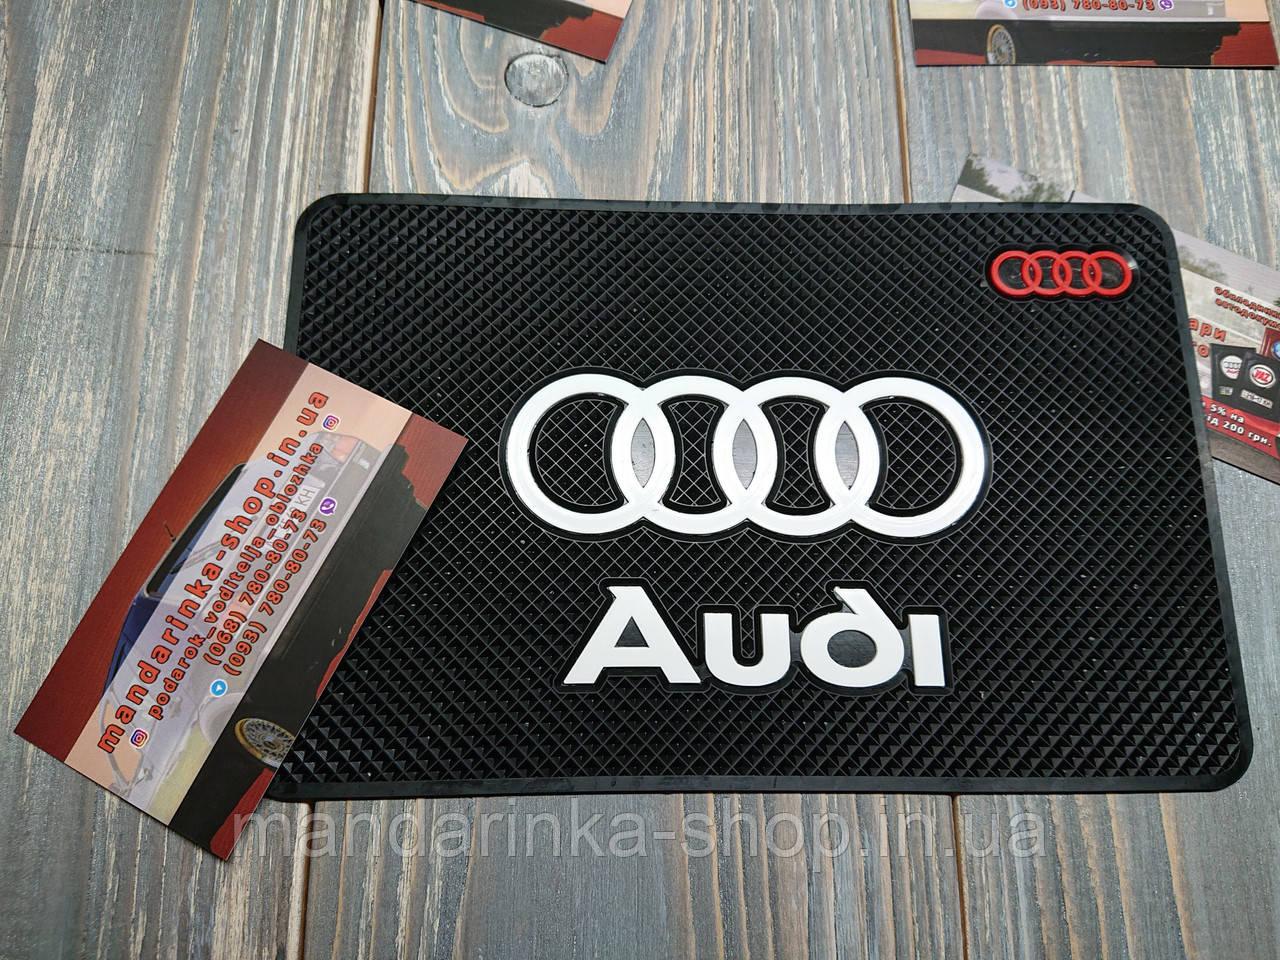 Антиковзаючий килимок на панель авто Audi (Ауді)